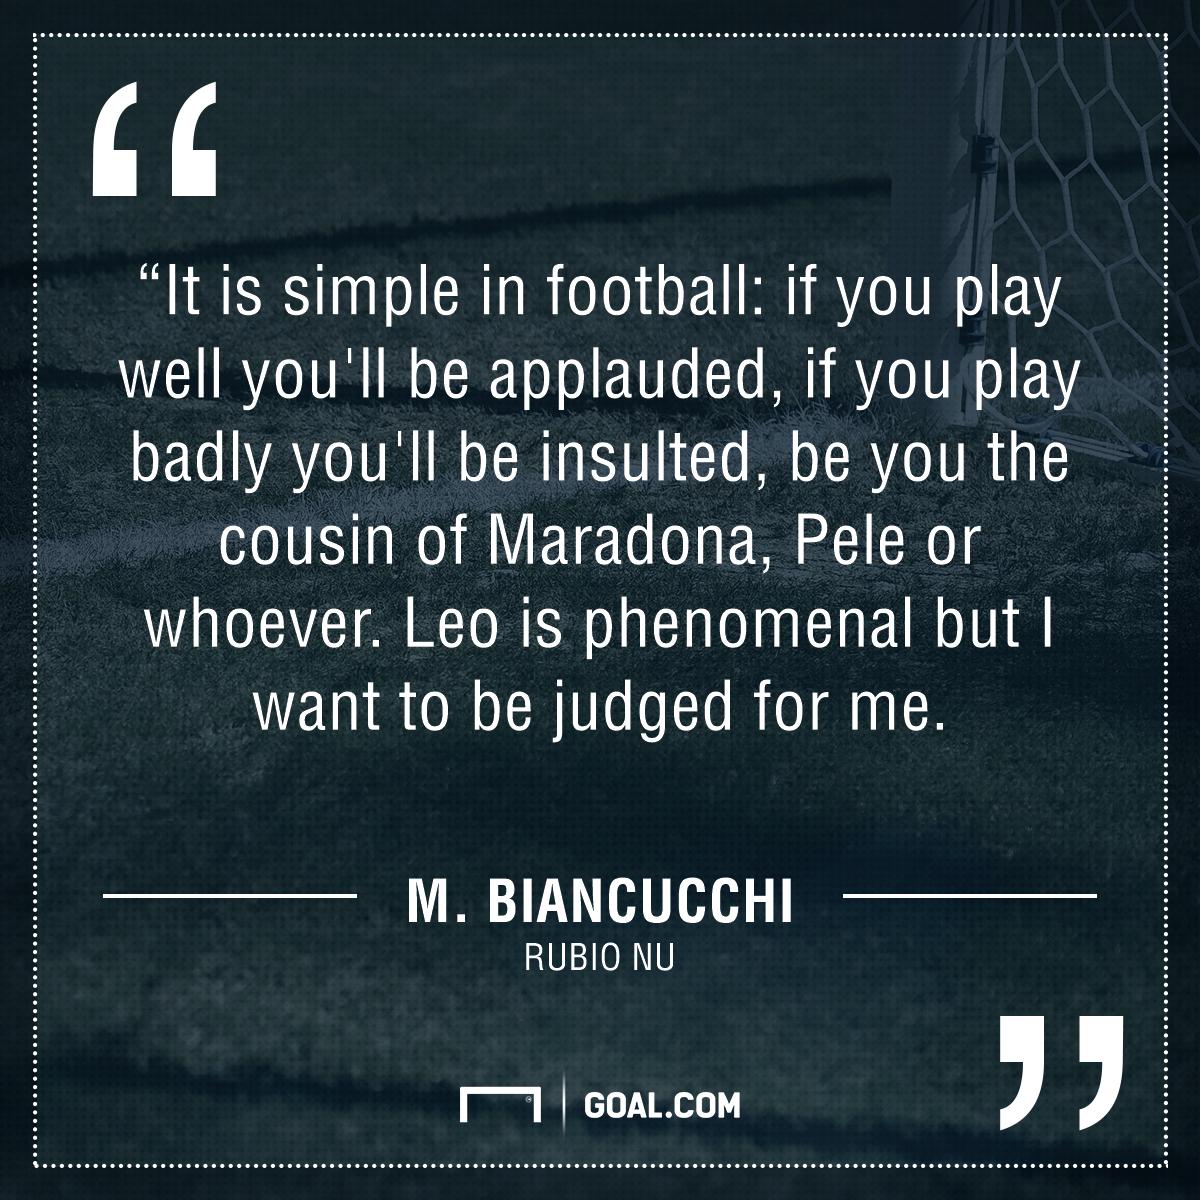 Biancucchi quote